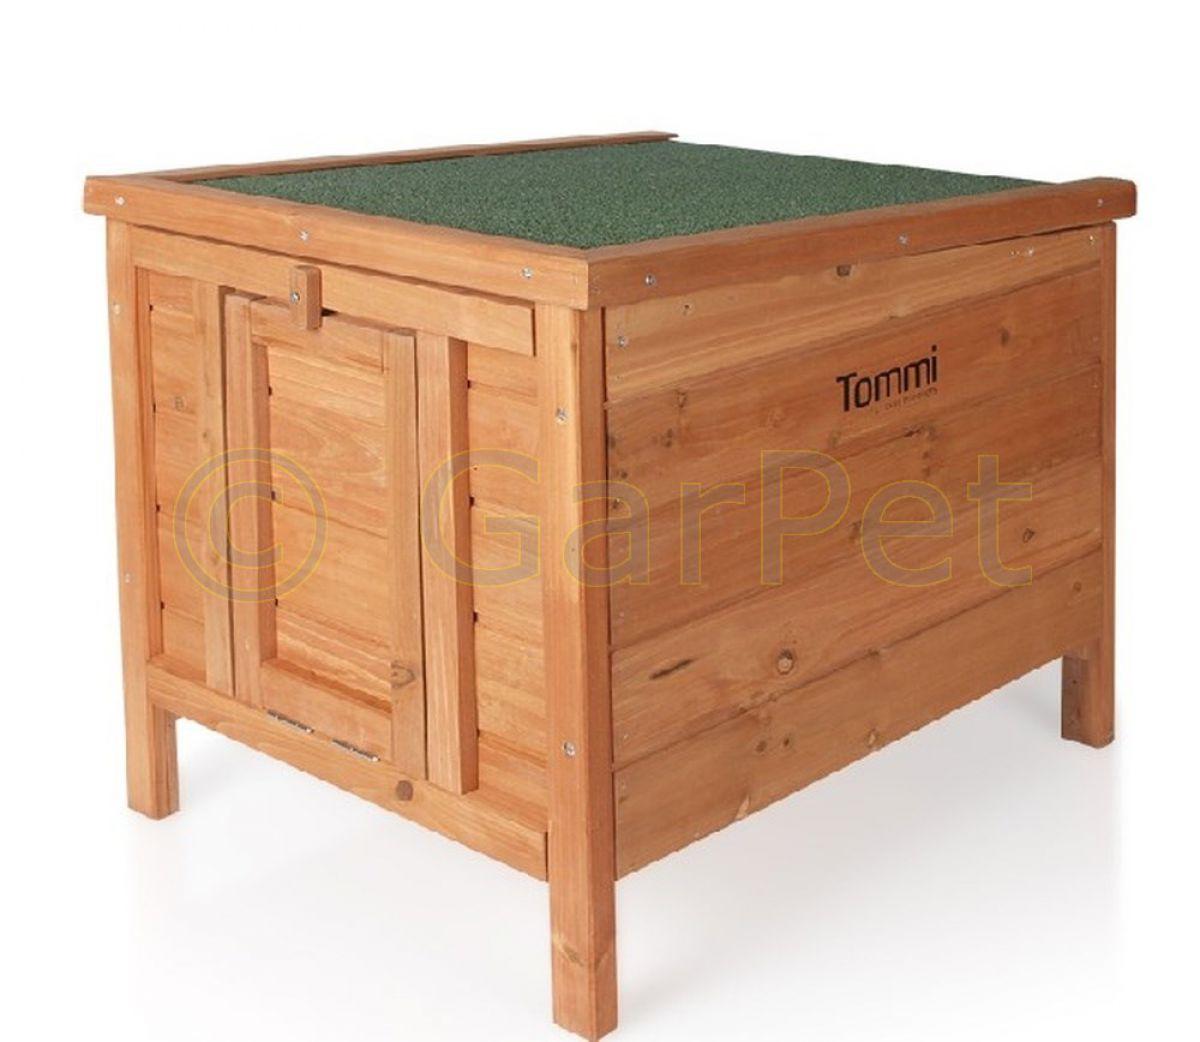 outdoor hunde katzen kleintier hasen h hner stall haus lege wurf nest kiste ebay. Black Bedroom Furniture Sets. Home Design Ideas